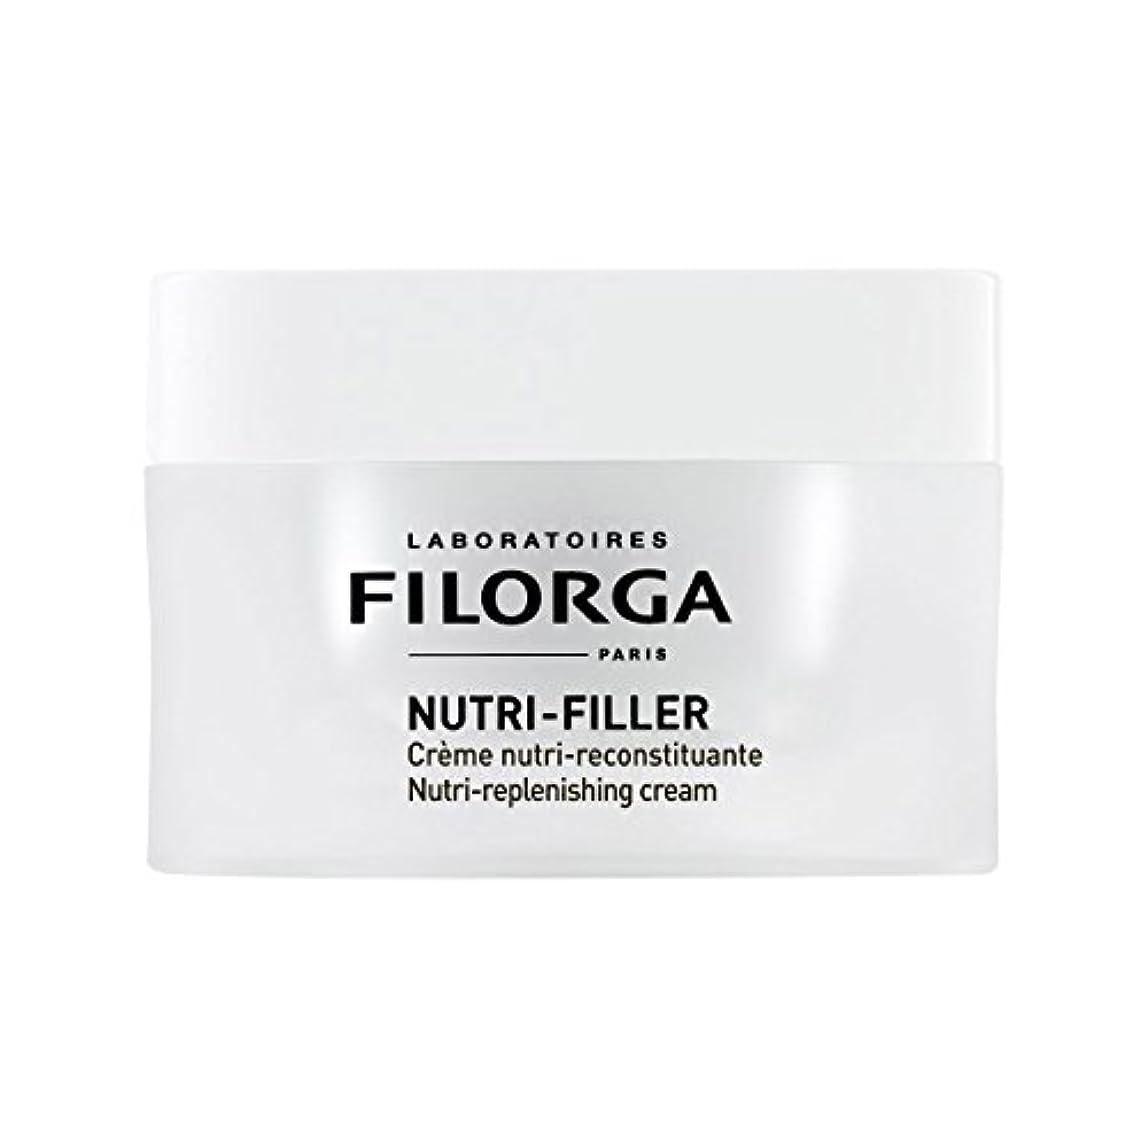 振る舞い瞳衰えるFilorga Nutri-filler Nutri-replenishing Cream 50ml [並行輸入品]